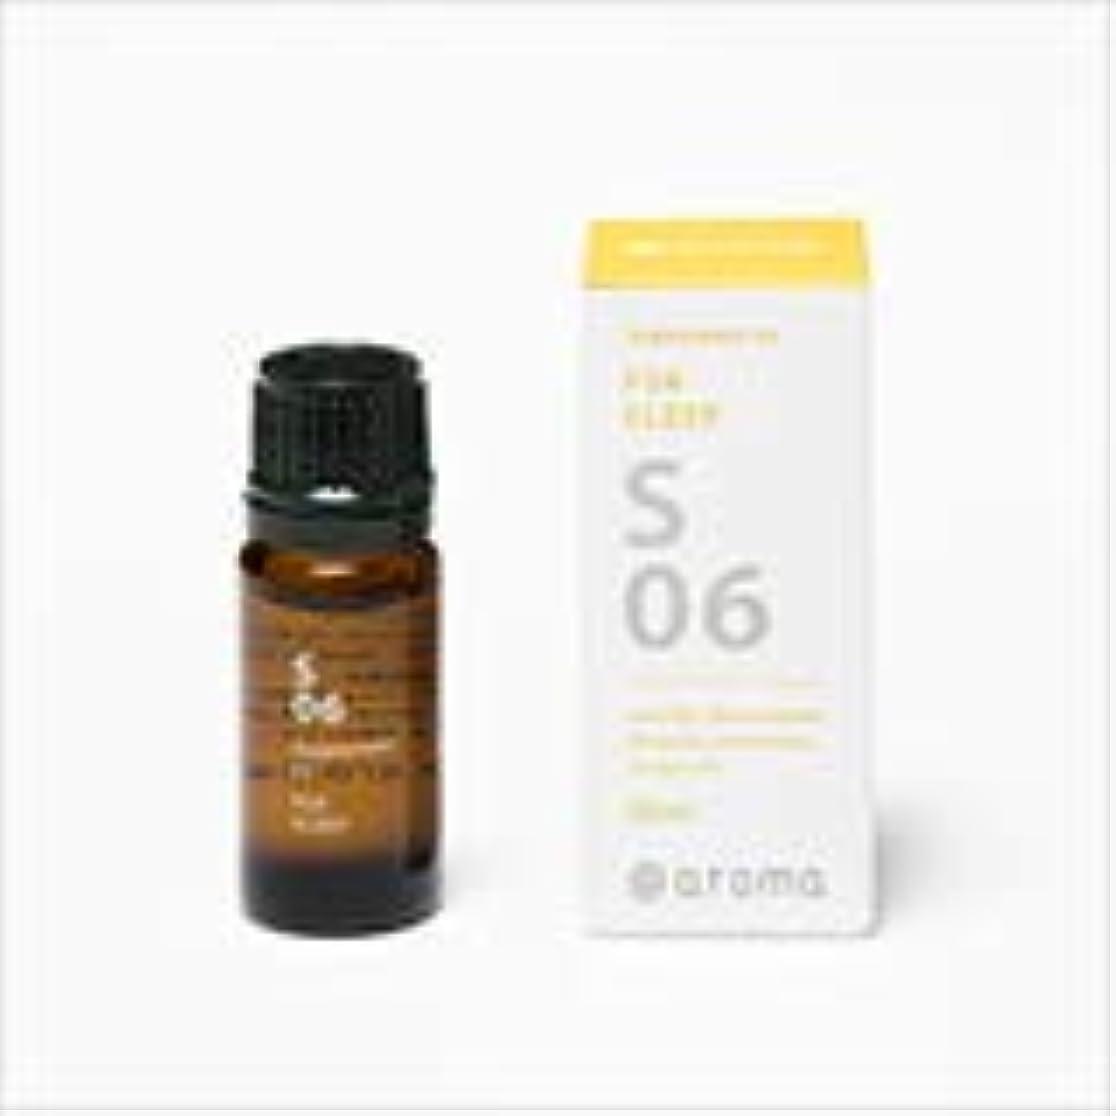 クローゼット建てる基本的なアットアロマ 100%pure essential oil <Supplement air リフレッシュ>